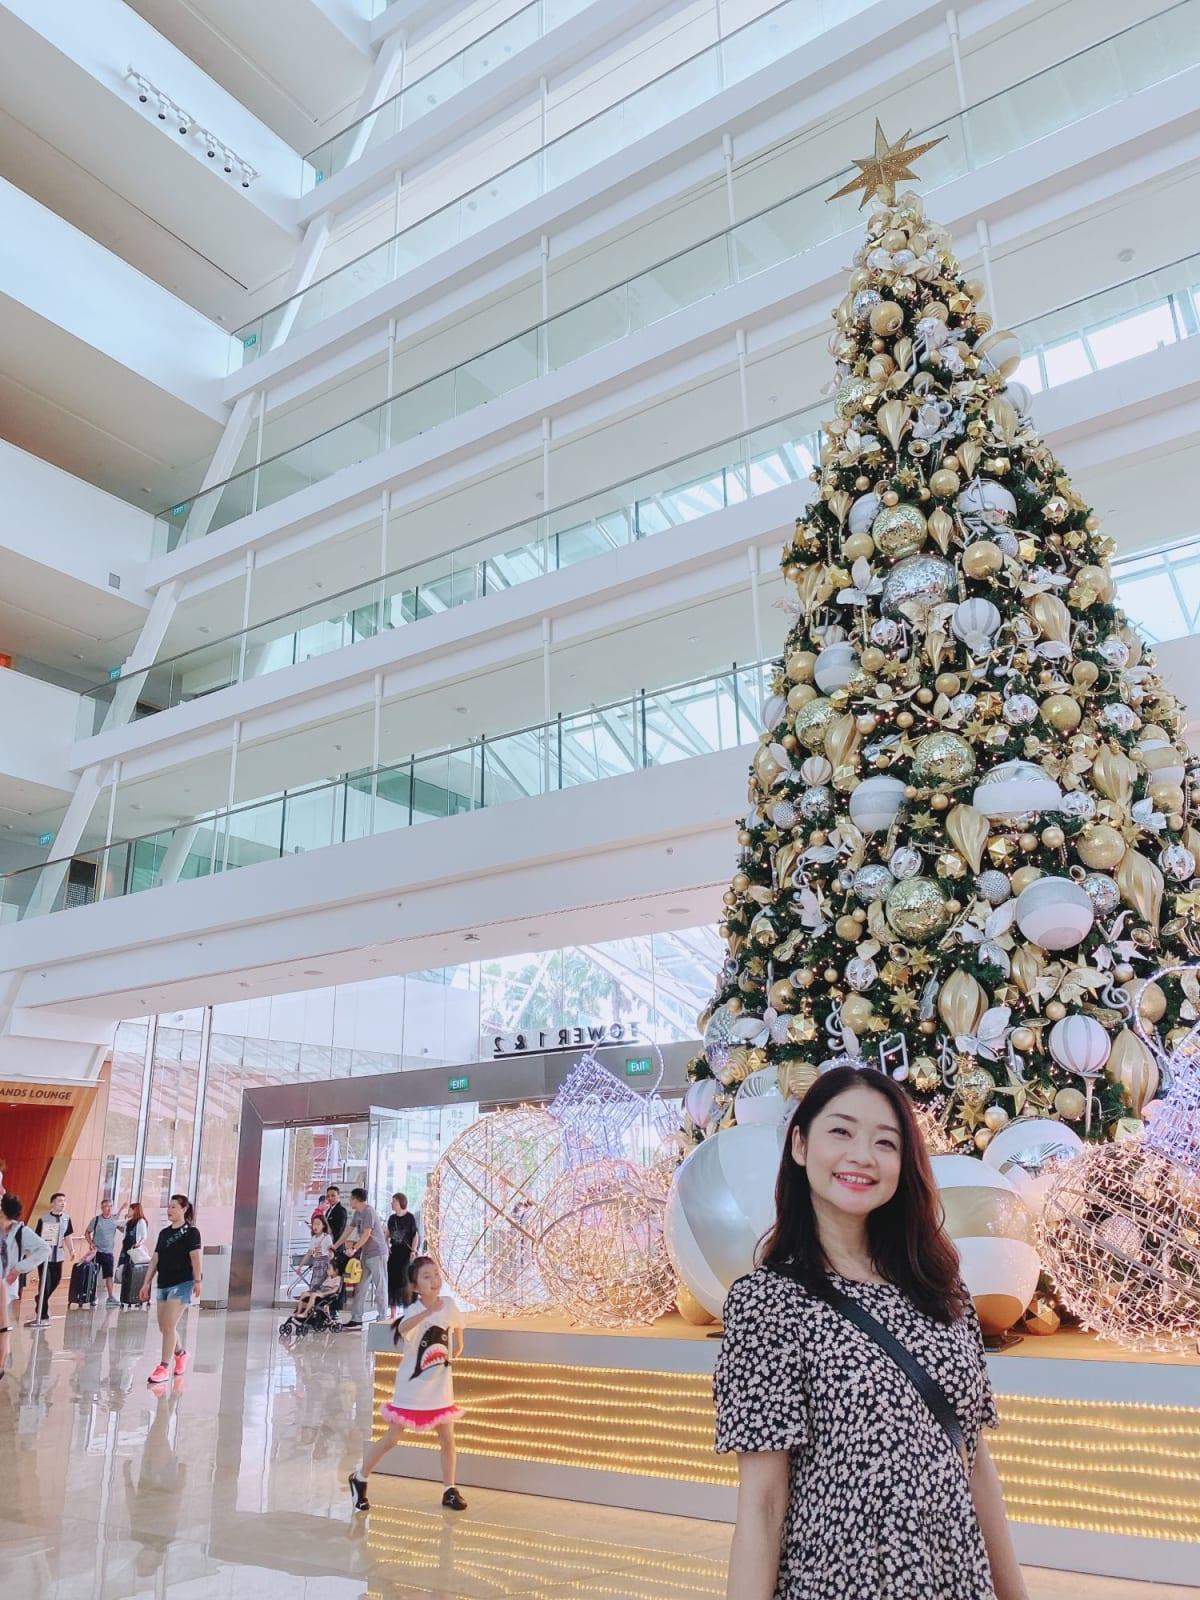 マリーナベイサンズにも大きなクリスマスツリー🌲 | シンガポール